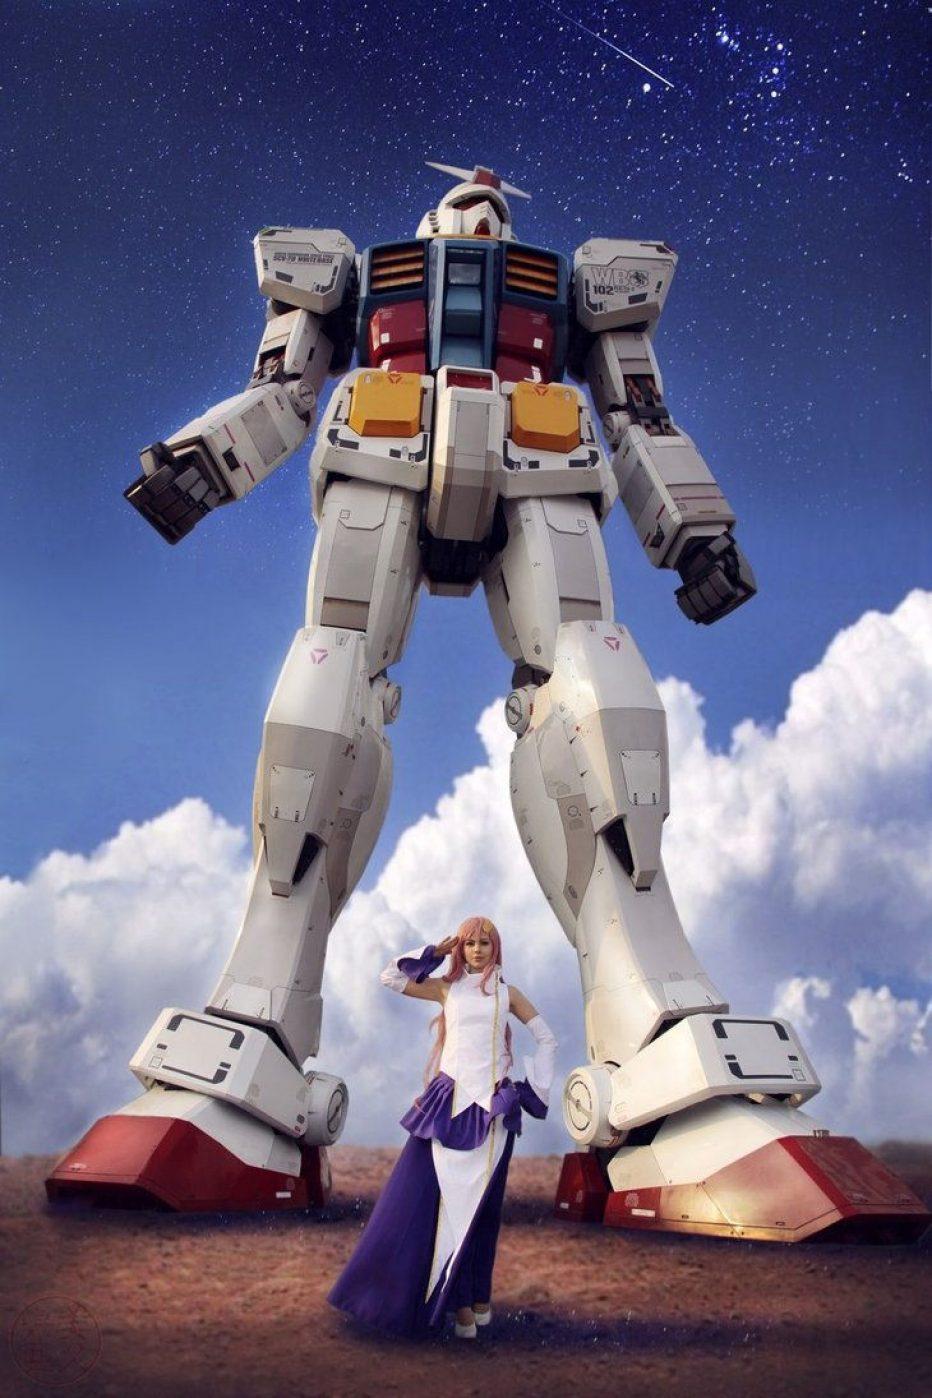 Gundam-SEED-Lacus-Clyne-Cosplay-Gamers-Heroes-5.jpg